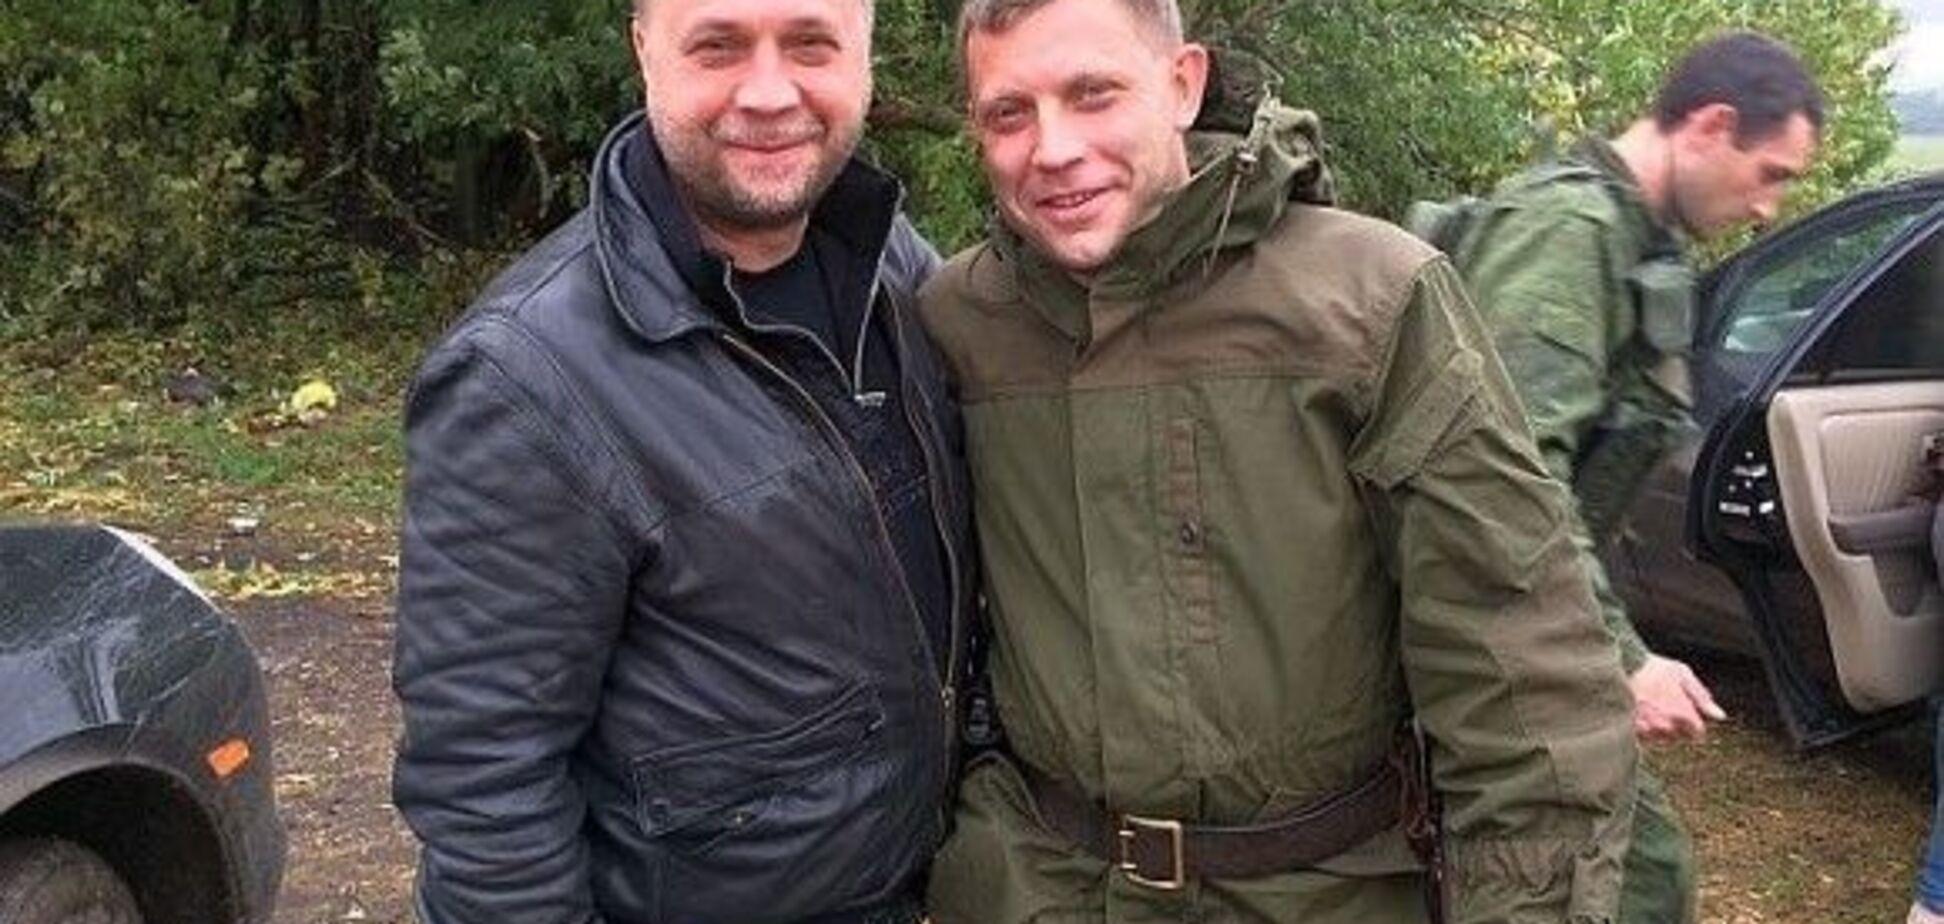 Філософ із родини російської еліти: ким є терорист 'ДНР' Бородай